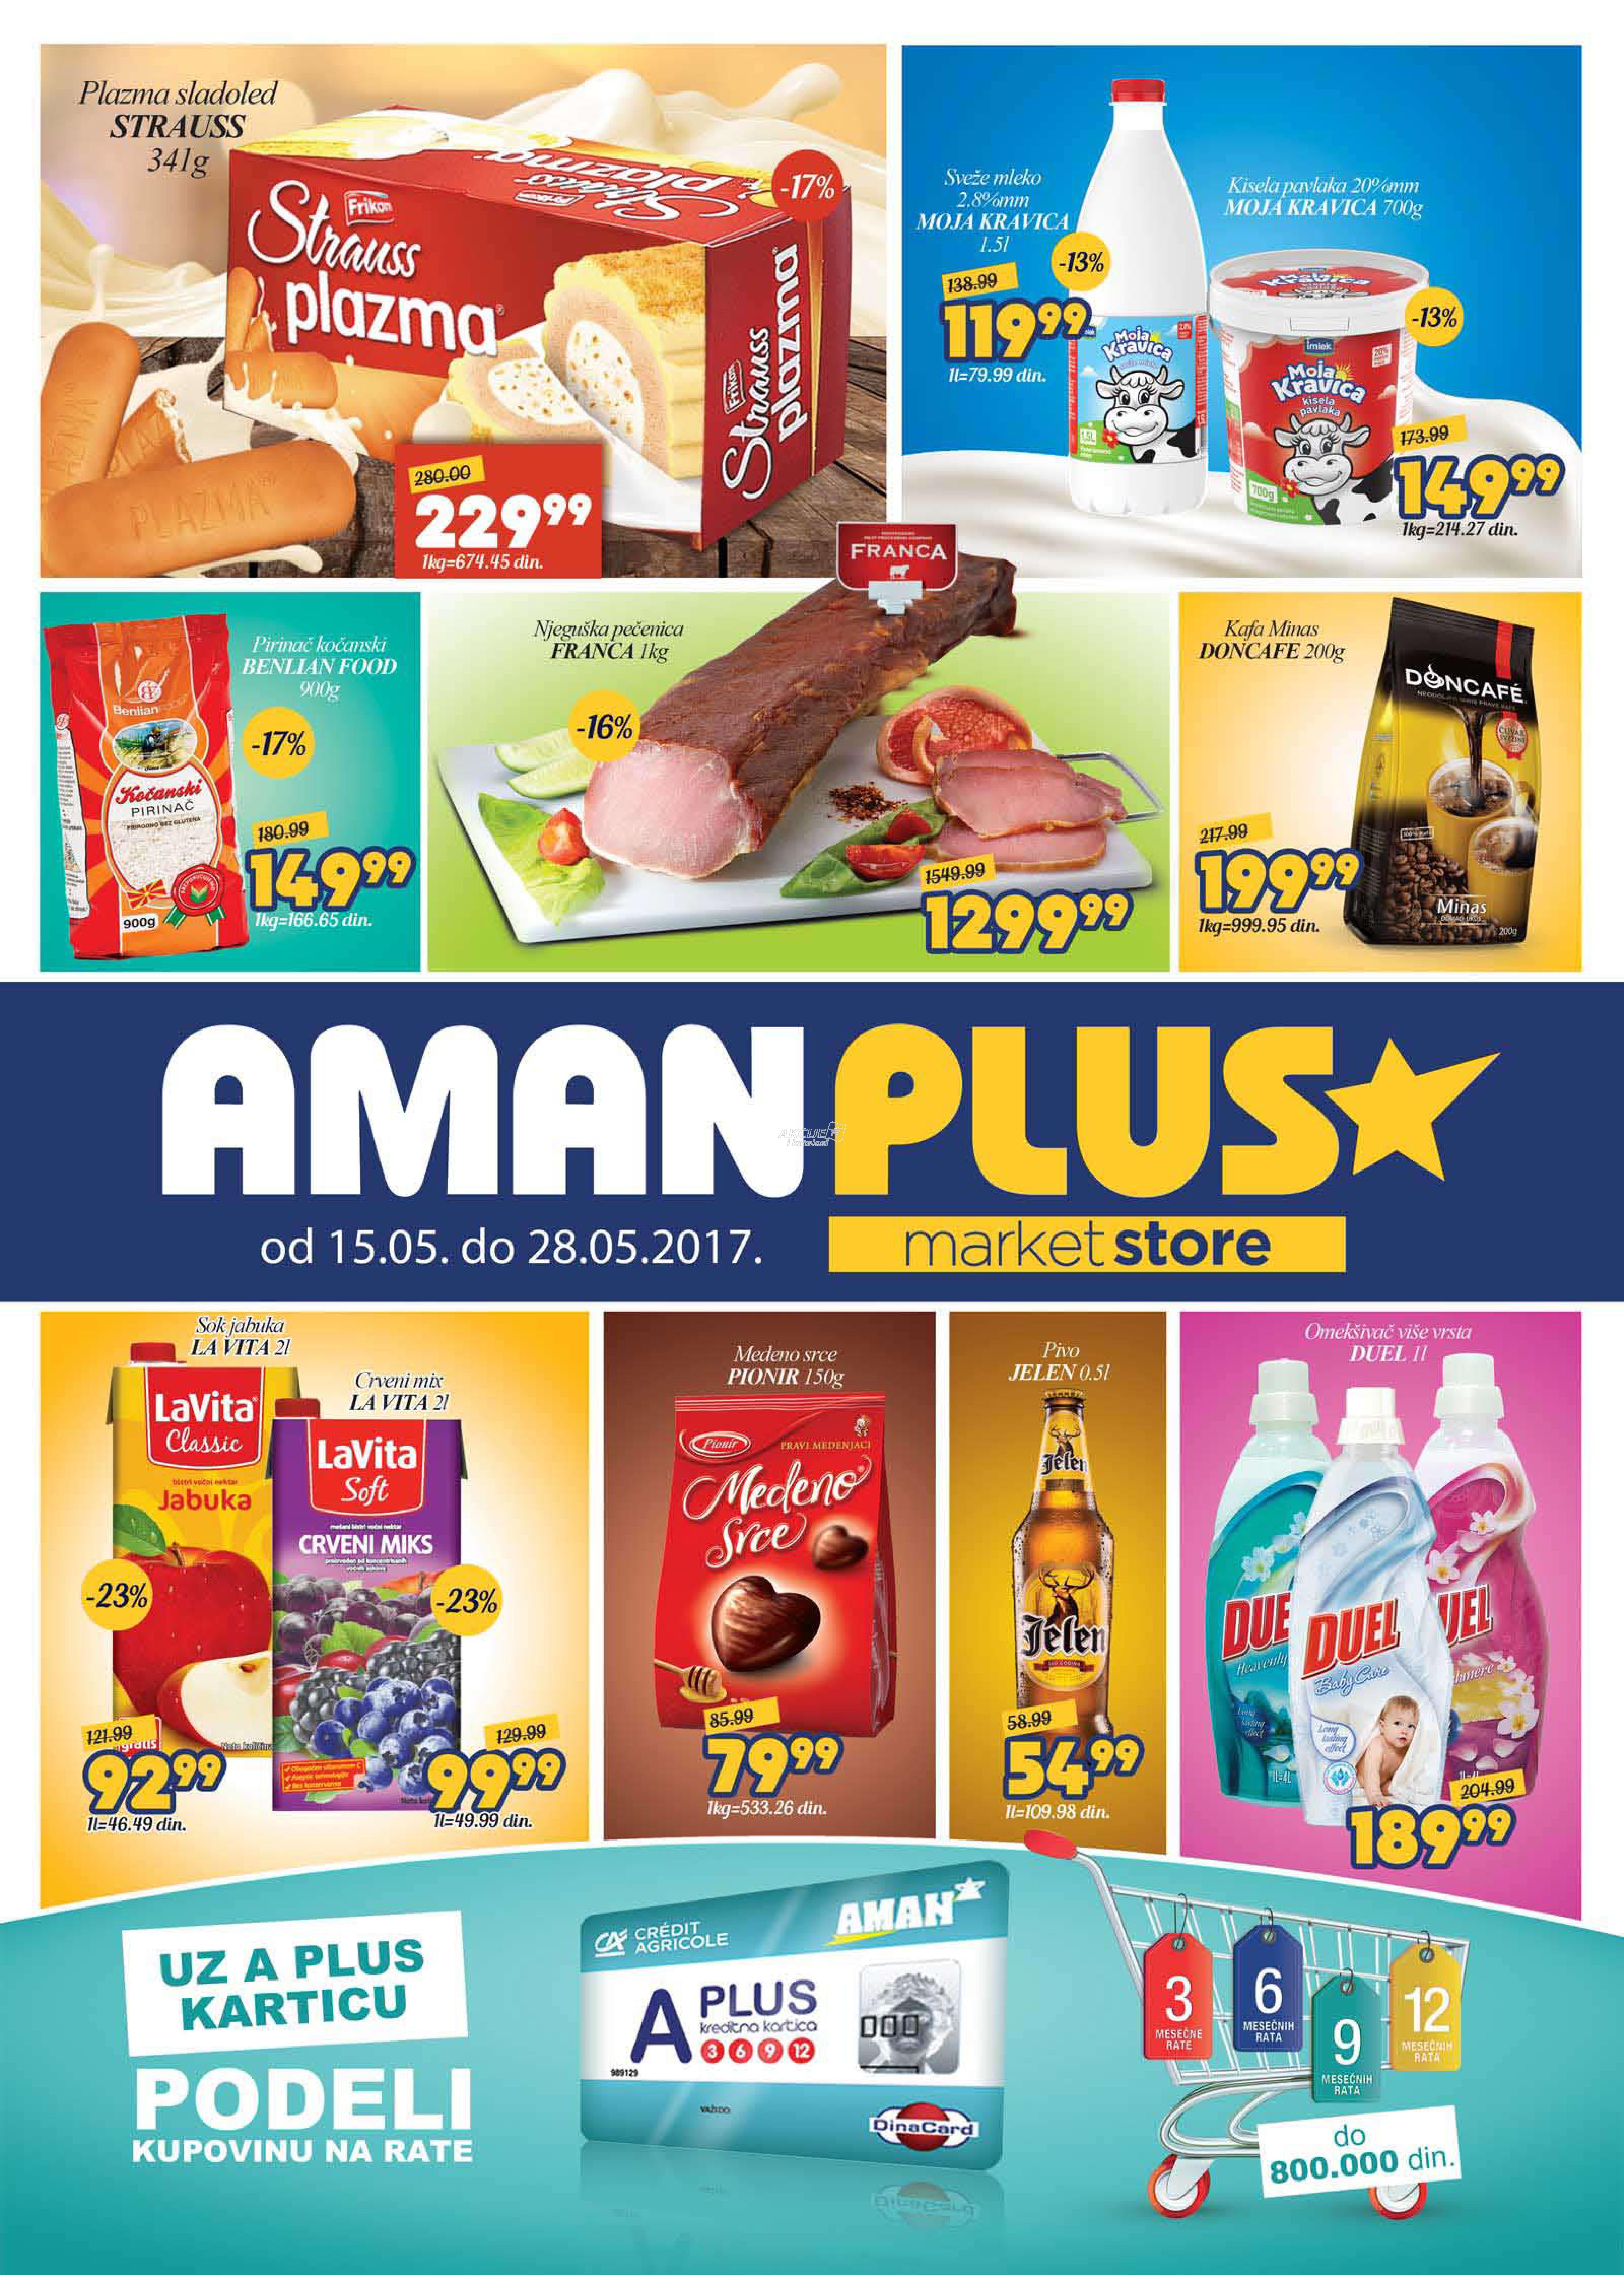 Aman Plus akcija odlične kupovine